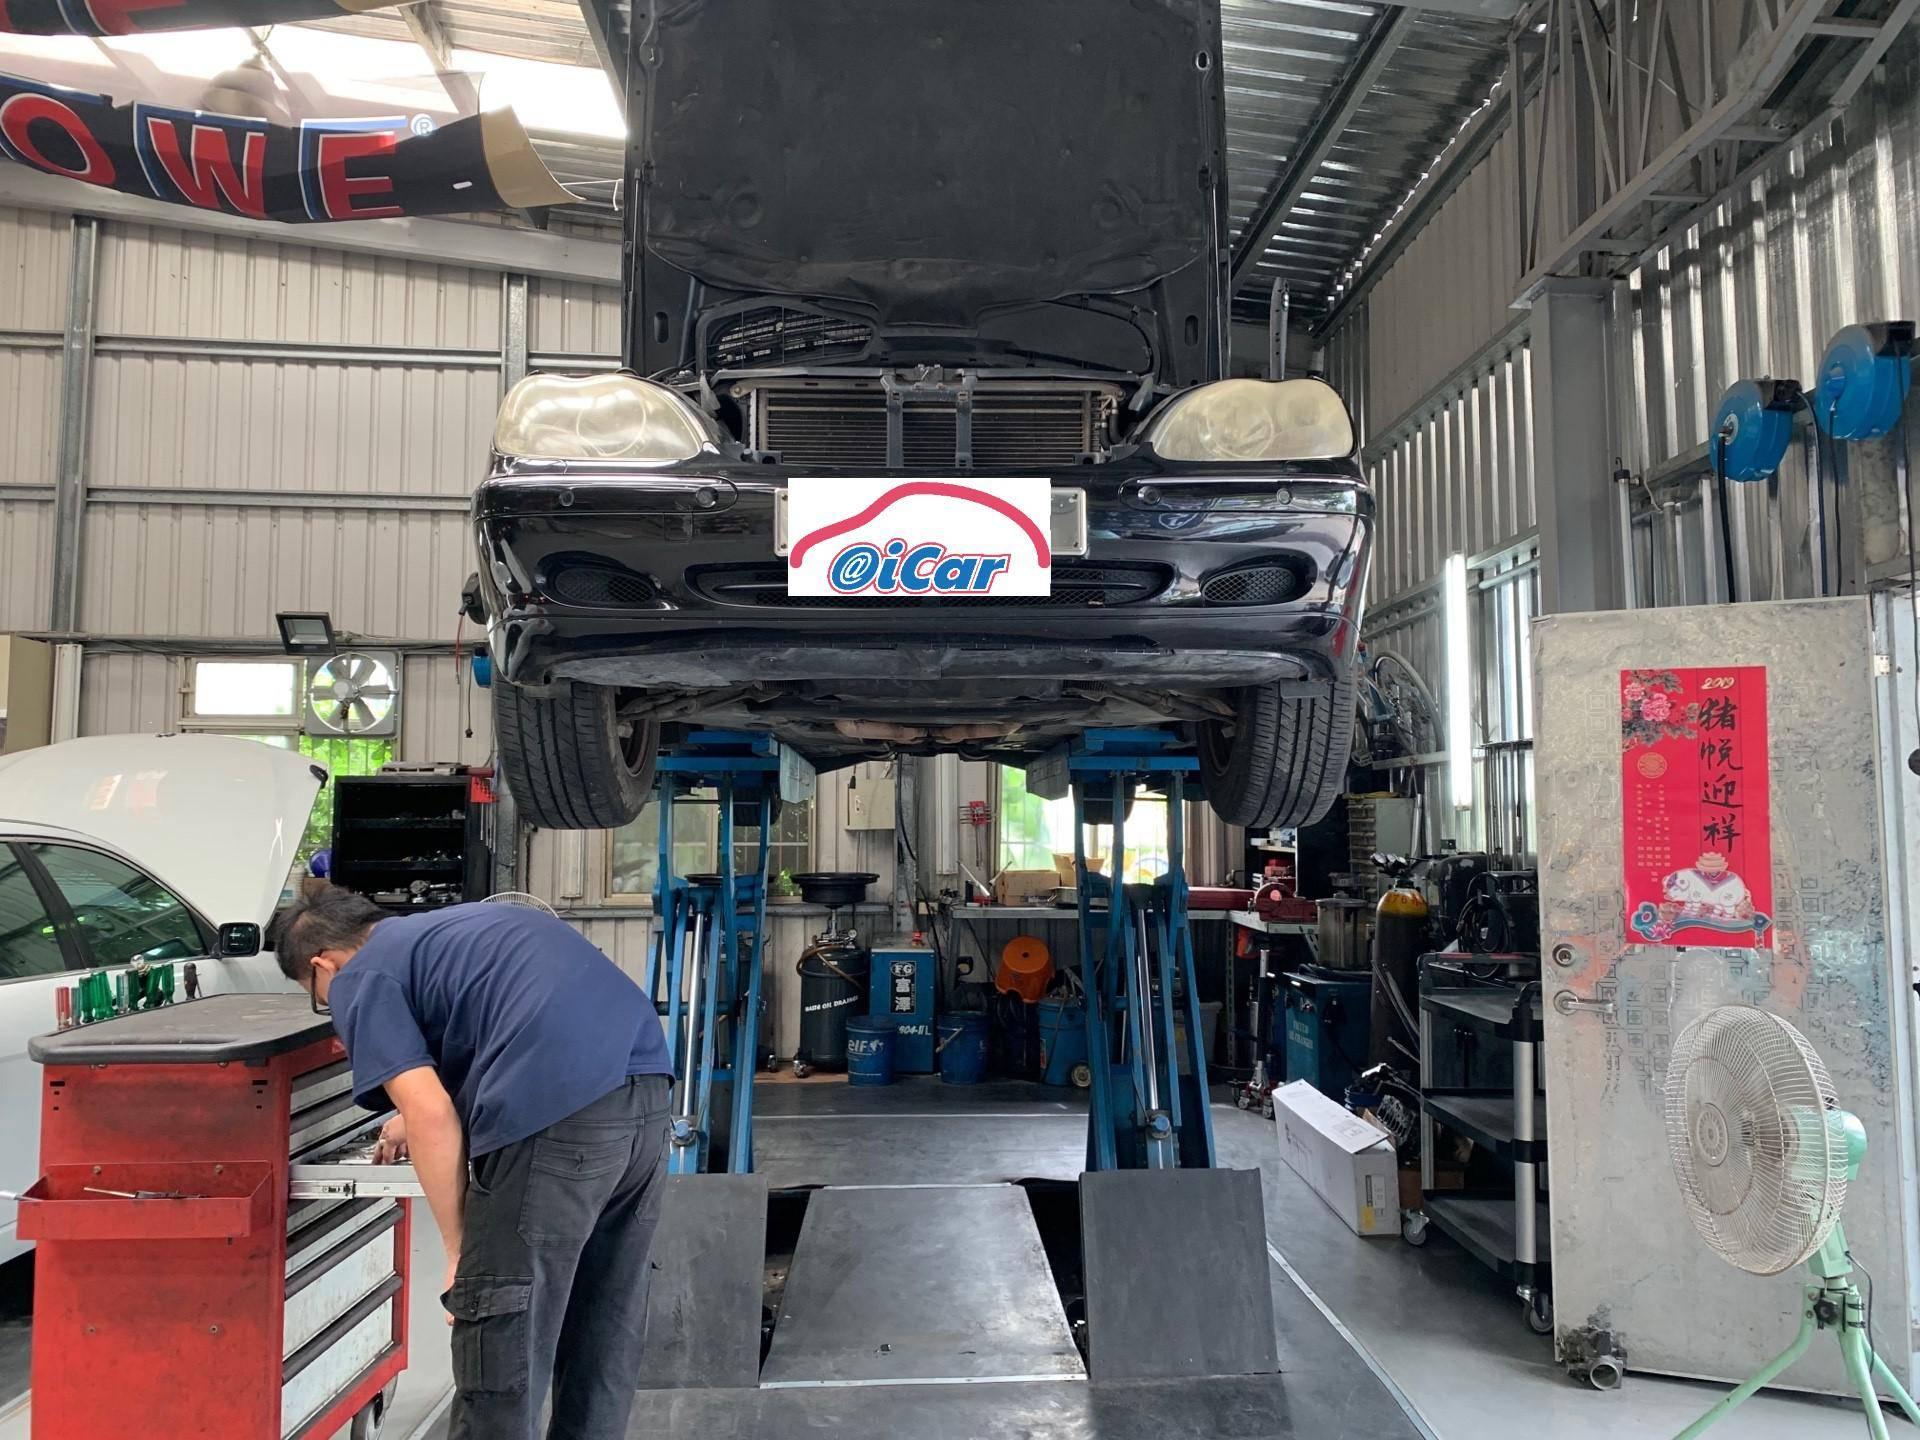 【振傑汽車】賓士/BENZ S320 賓士變速箱保養#賓士維修#儀表故障亮燈#低速熄火